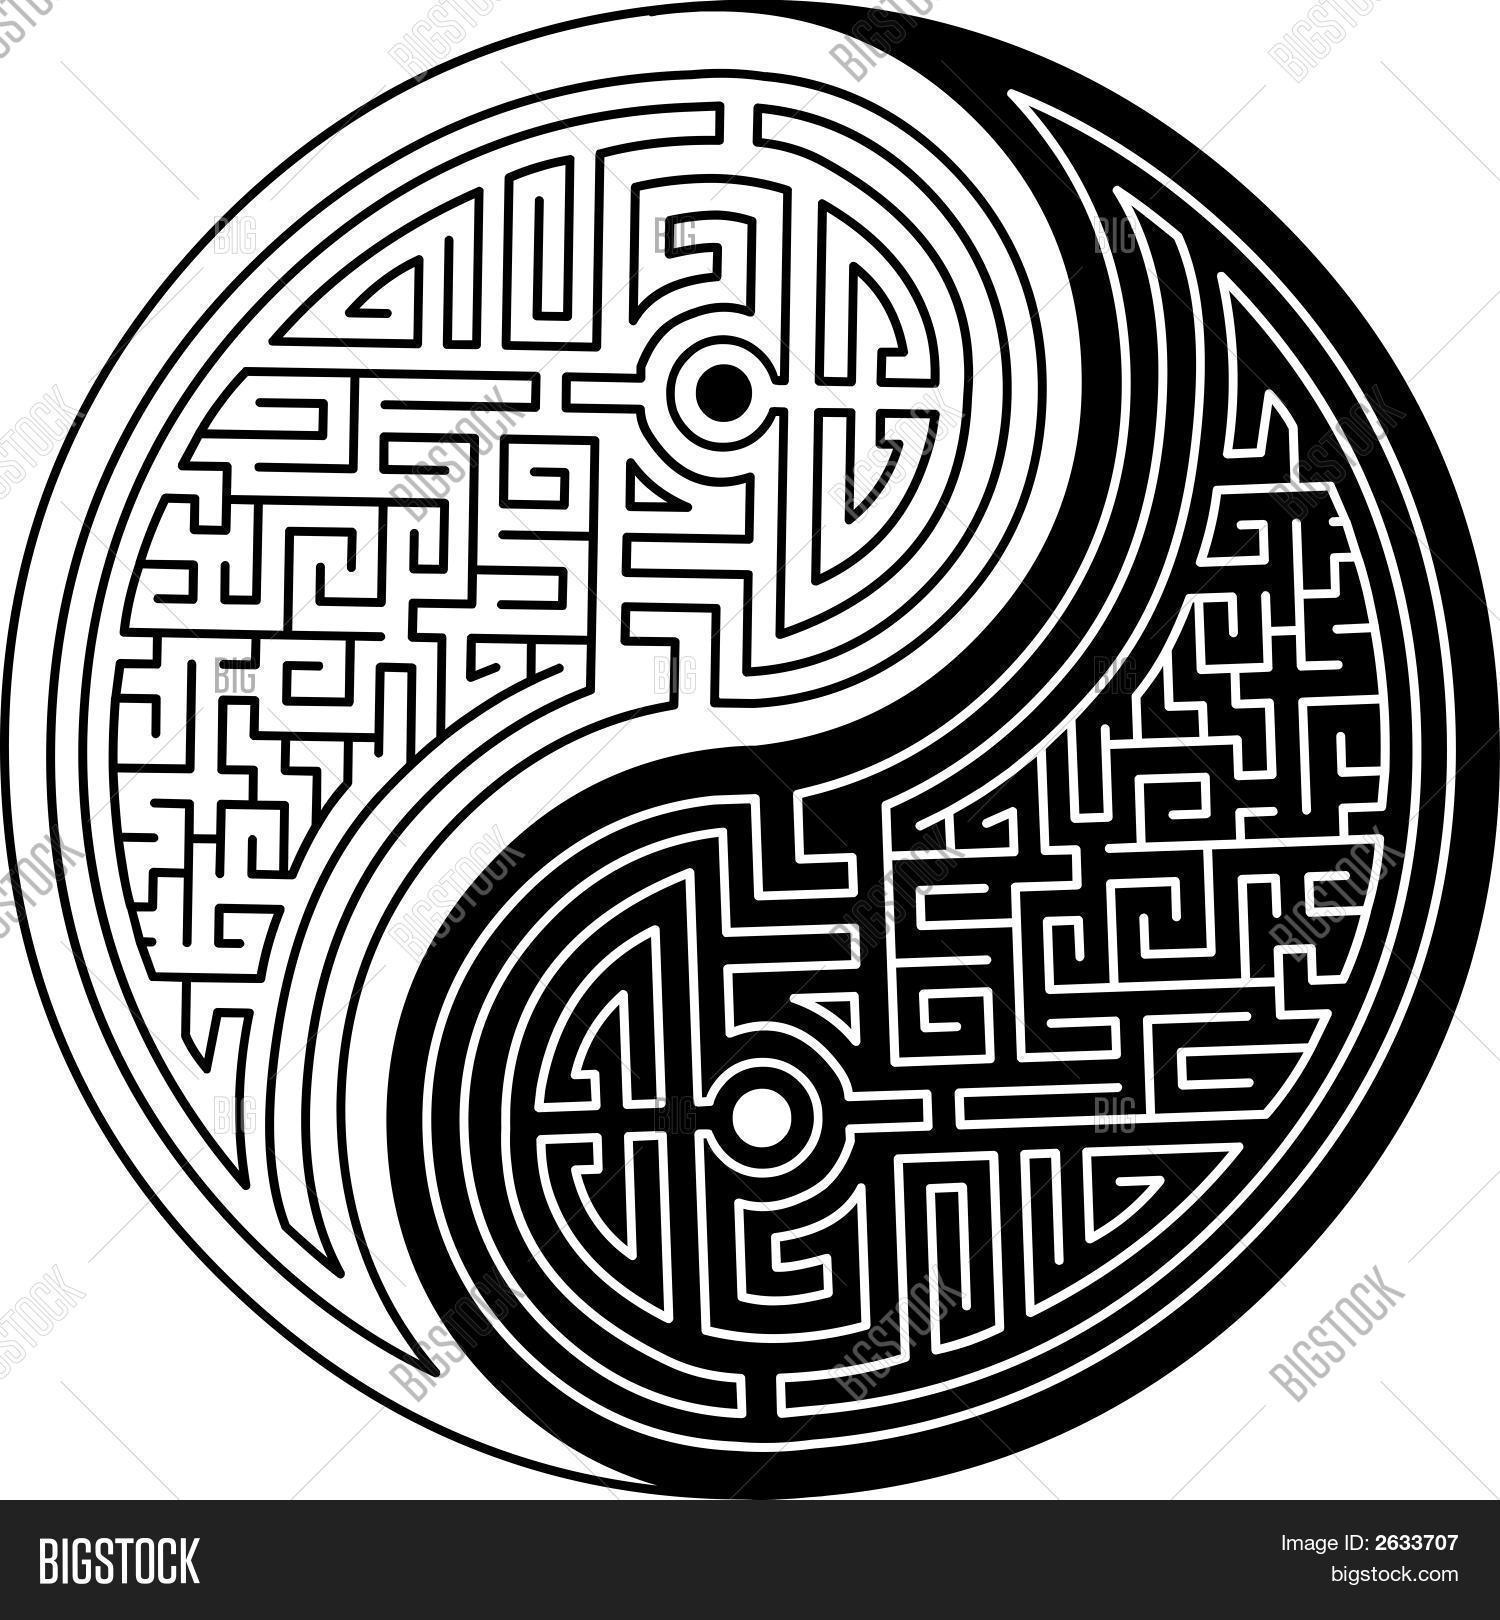 1500x1620 Yin Yang Maze.eps Vector Amp Photo Bigstock